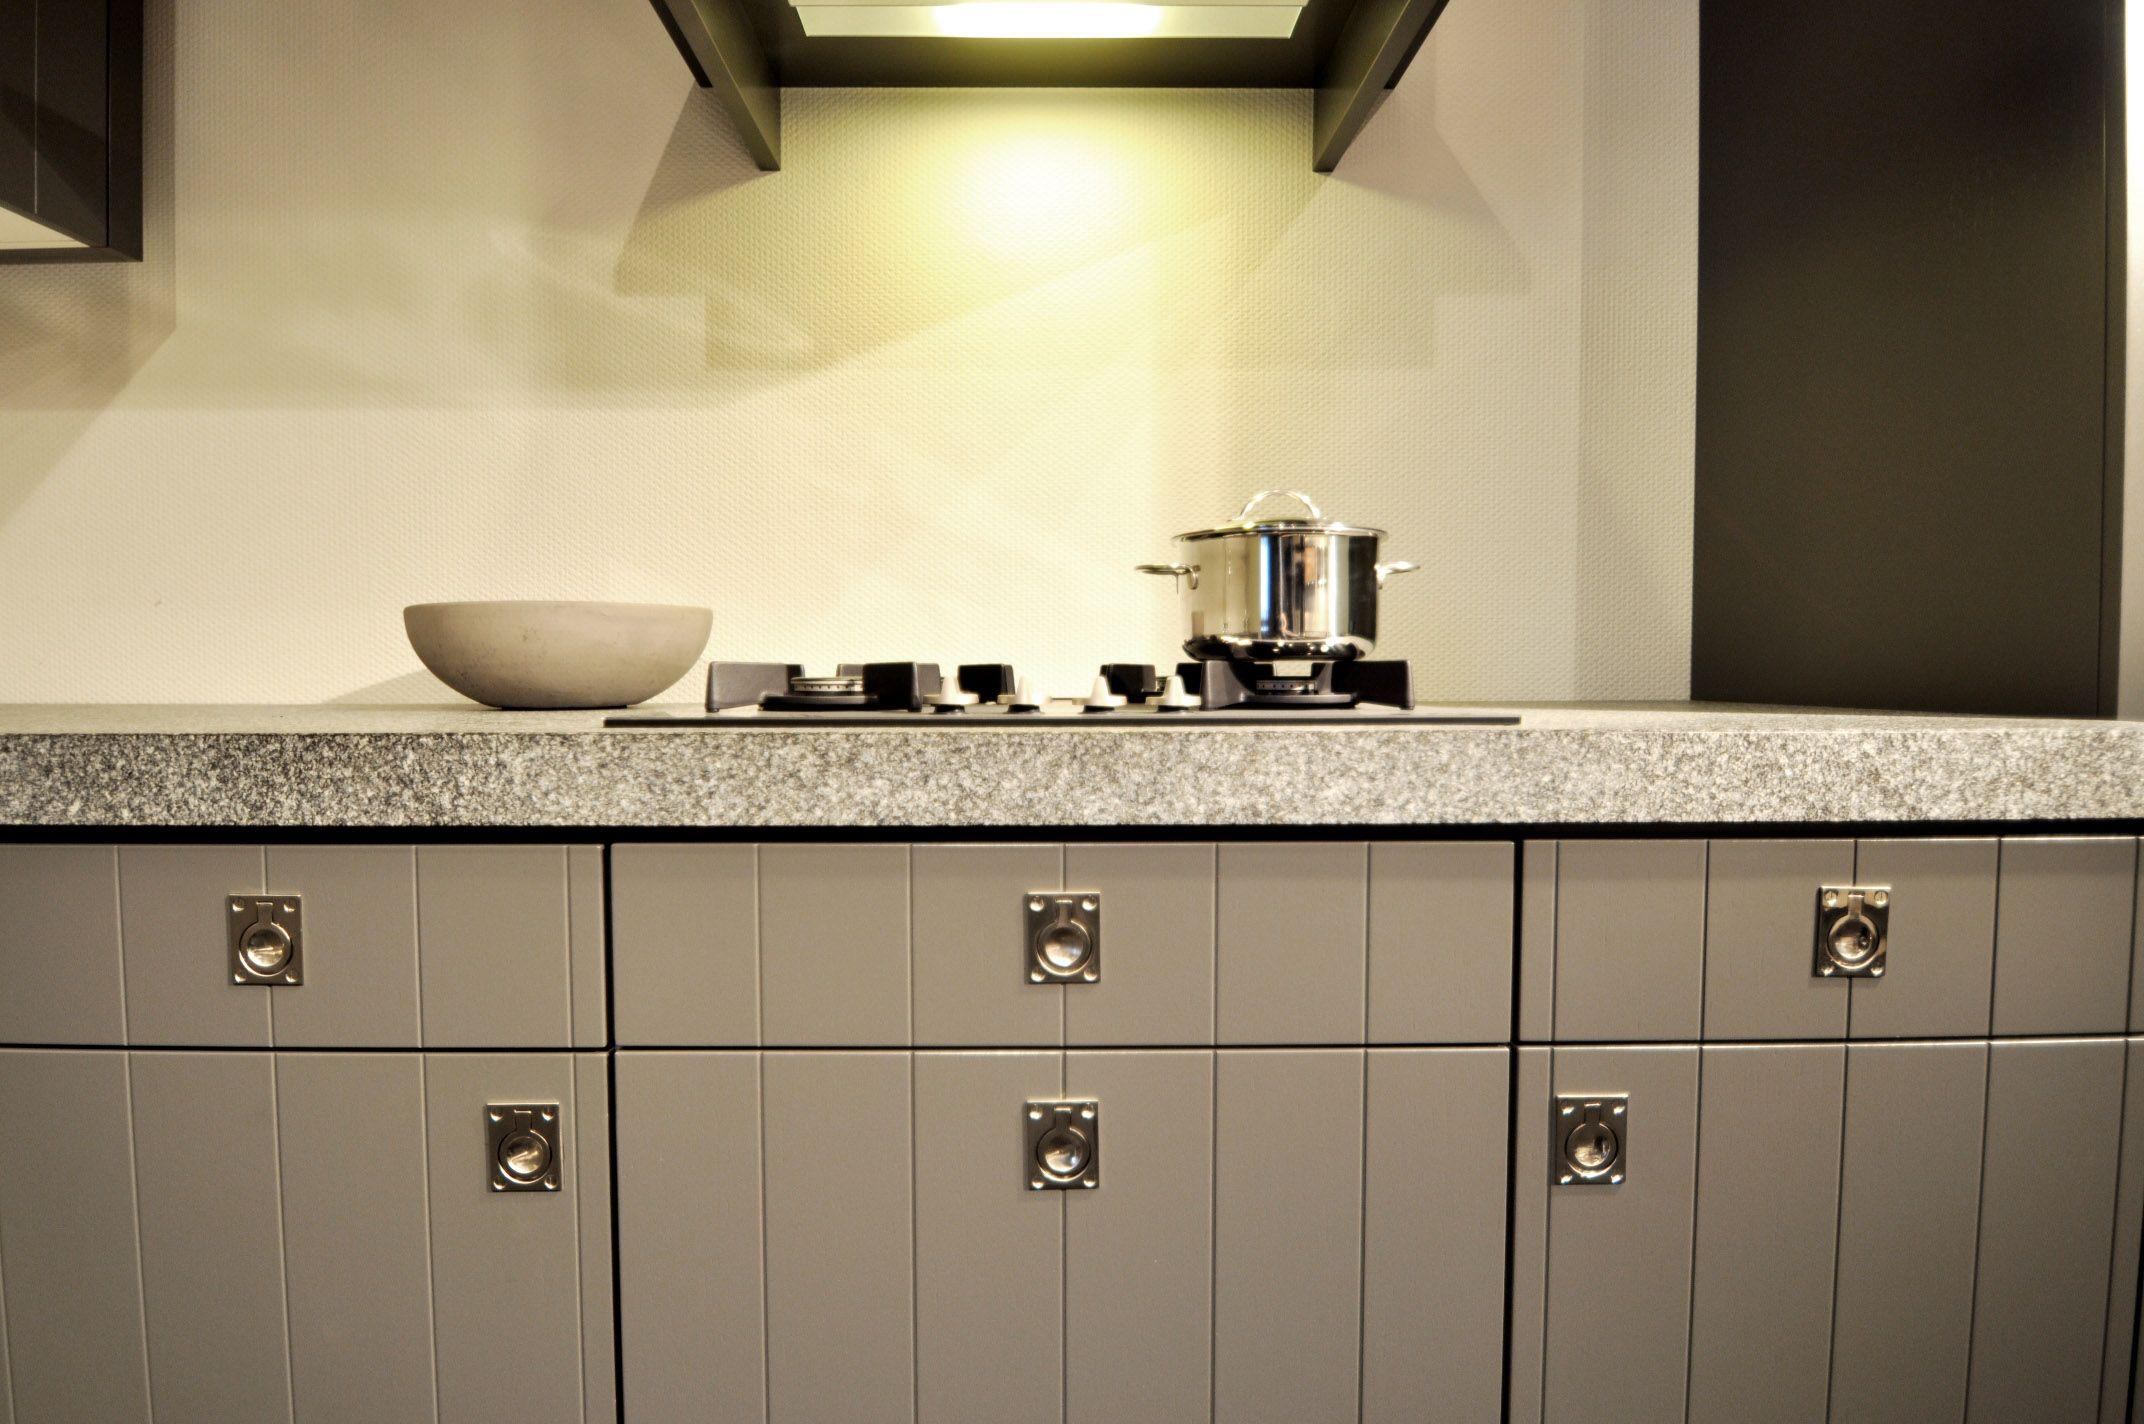 De voordeligste woonwinkel van nederland keller landelijke keuken - Afbeelding van keuken amenagee ...